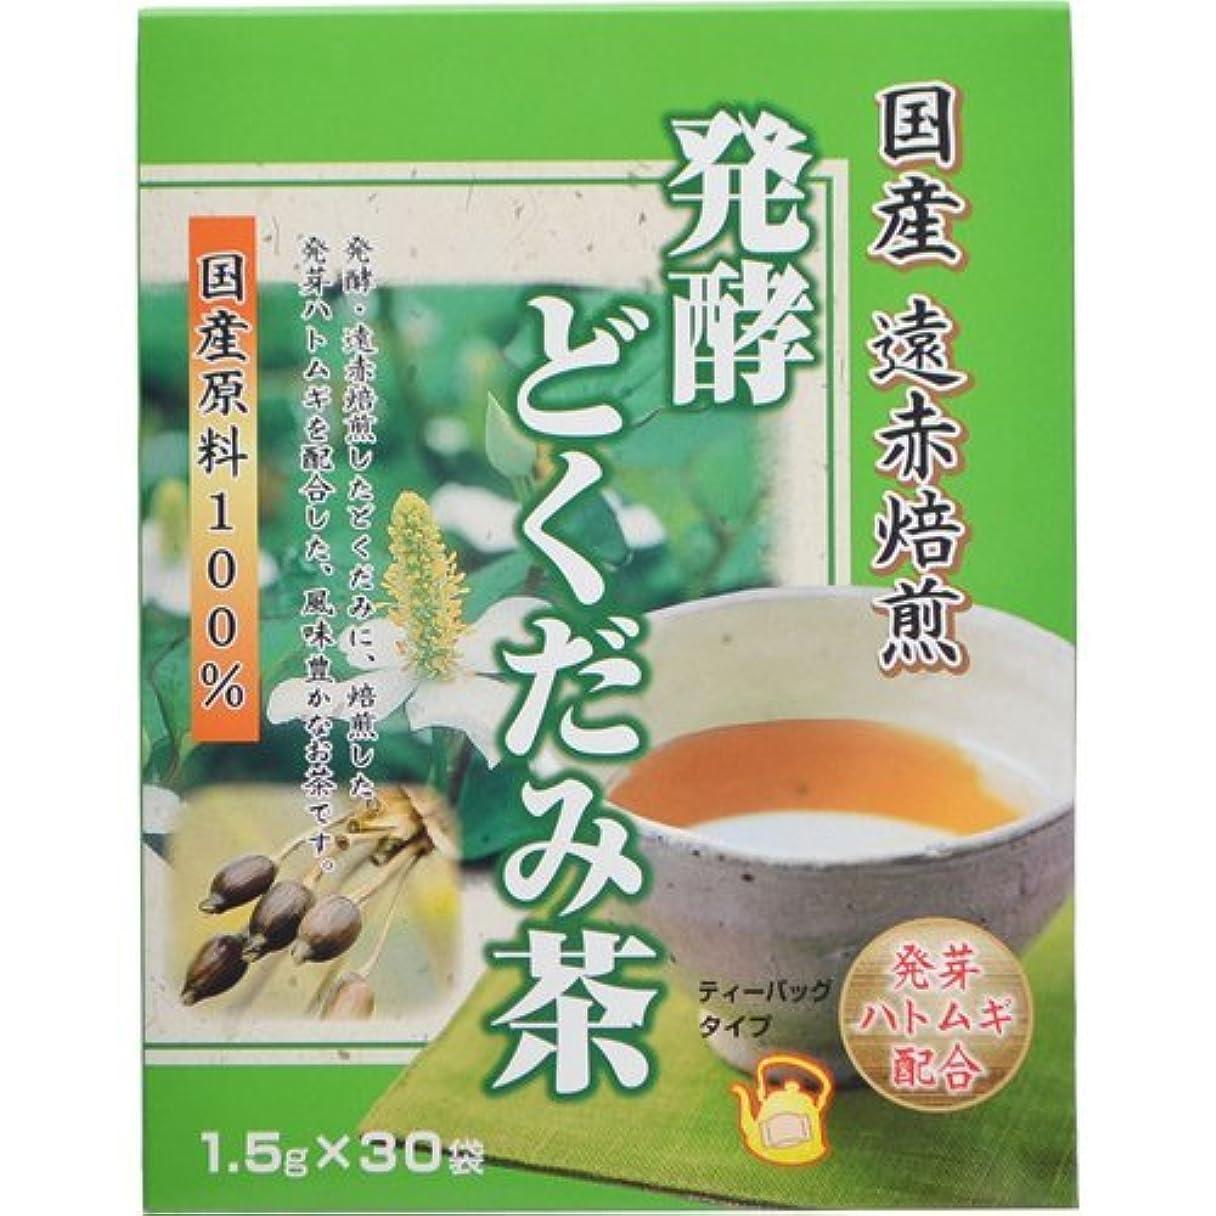 ユニマットリケン 発酵どくだみ茶 30袋入 × 10個セット